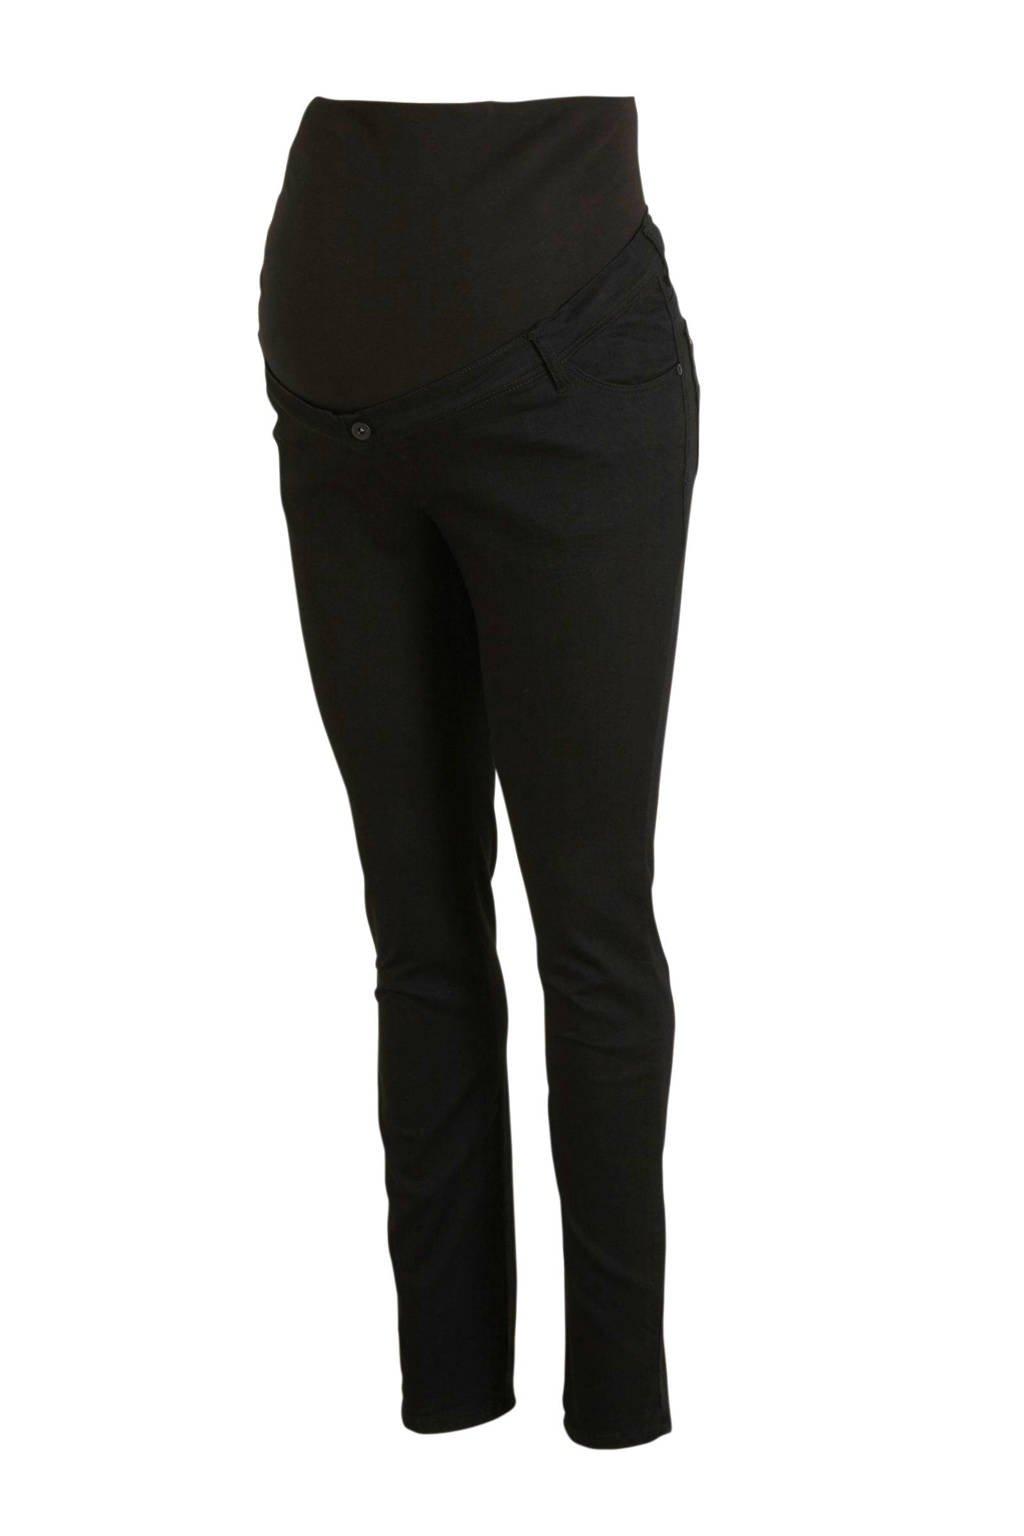 LOVE2WAIT plus size positie skinny jeans, Zwart